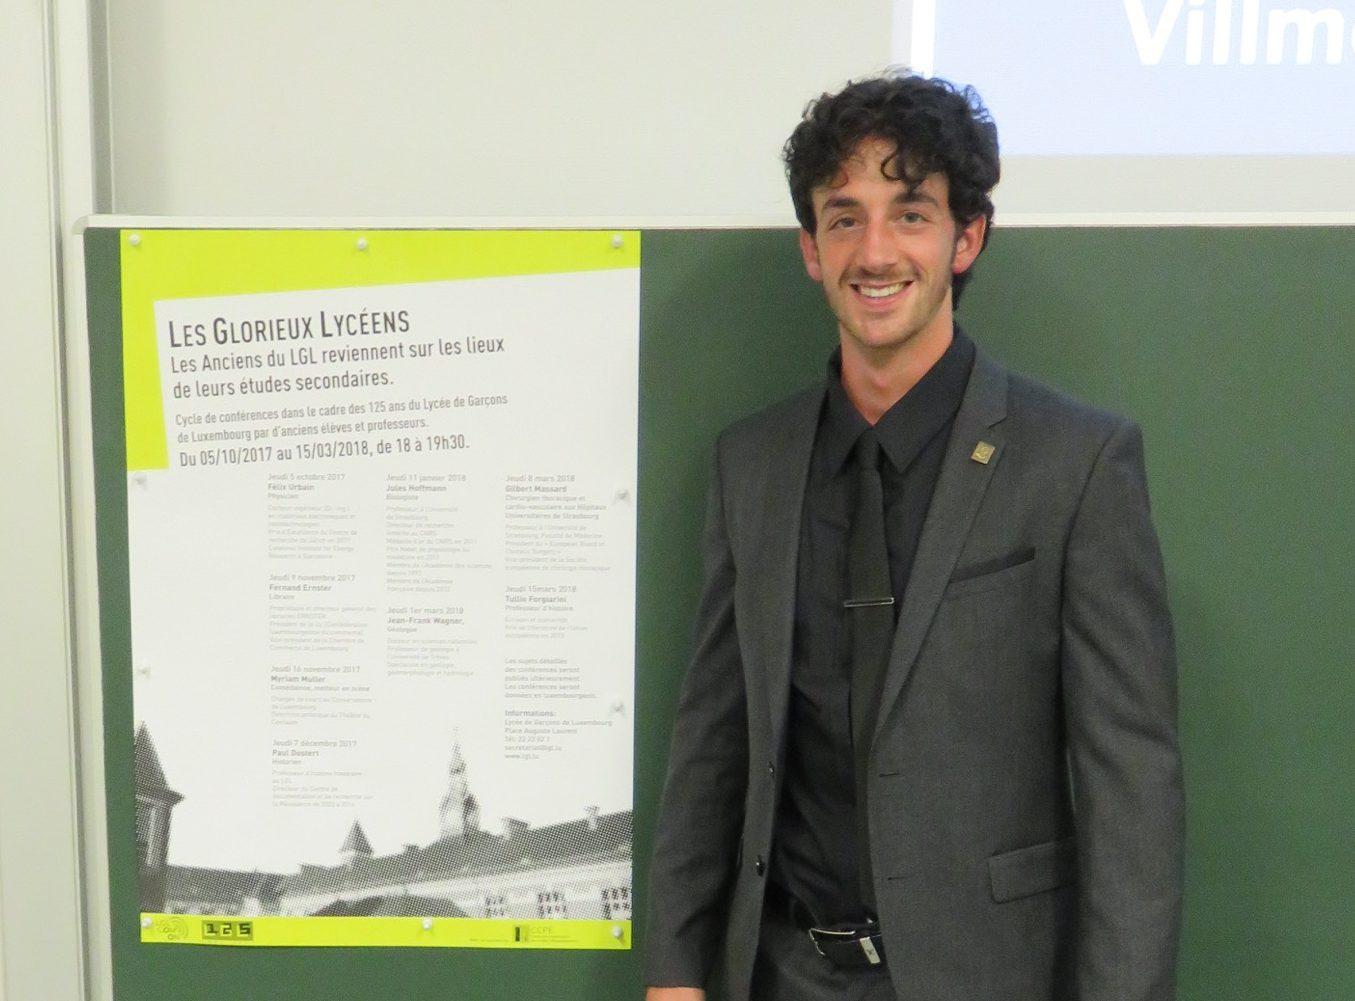 Cycle de conférences 125 ans LGL - Félix Urbain